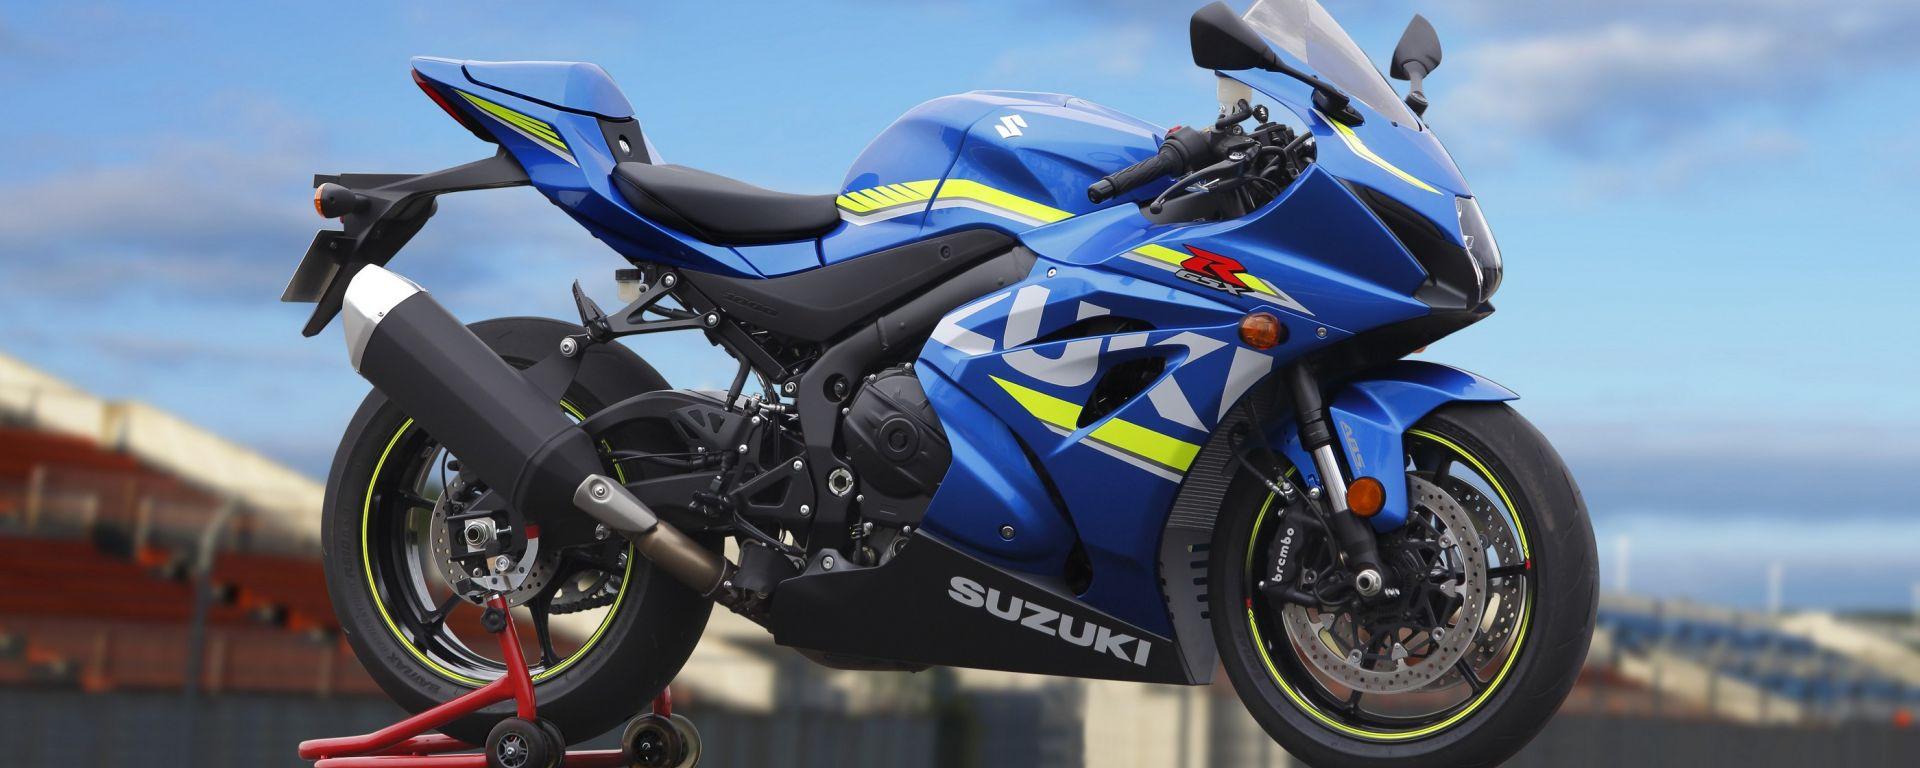 Suzuki GSX-R1000 concept